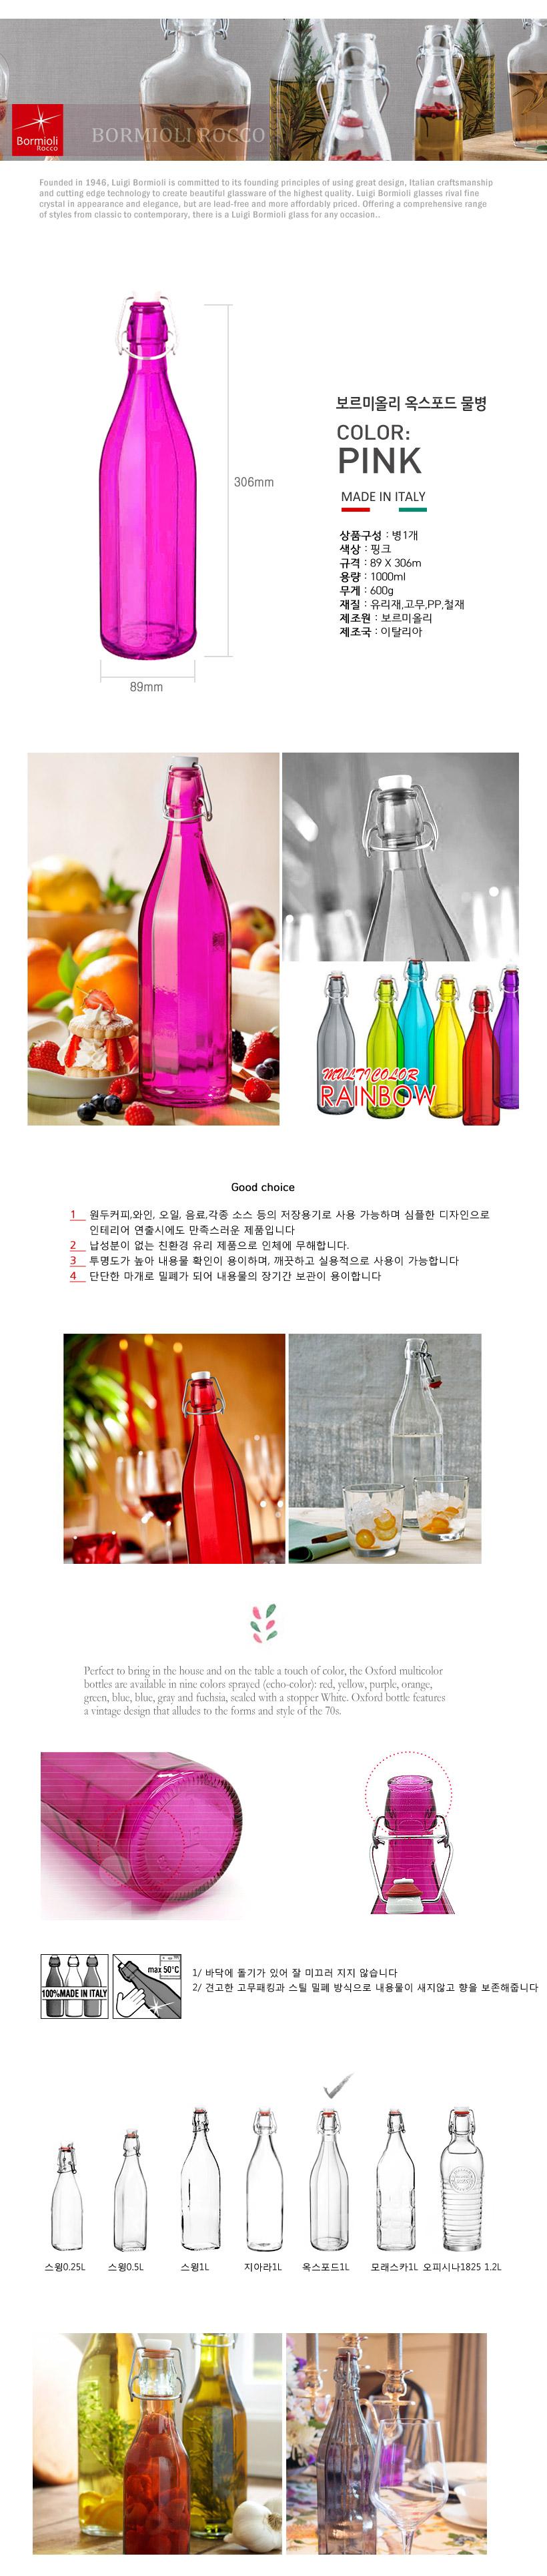 보르미올리 밀폐유리병 옥스포드 1L(핑크)/밀폐물병/와이어물병/카페유리병/bormioli rocco oxford bottle - 재미있는생활, 7,300원, 보틀/텀블러, 키친 물병